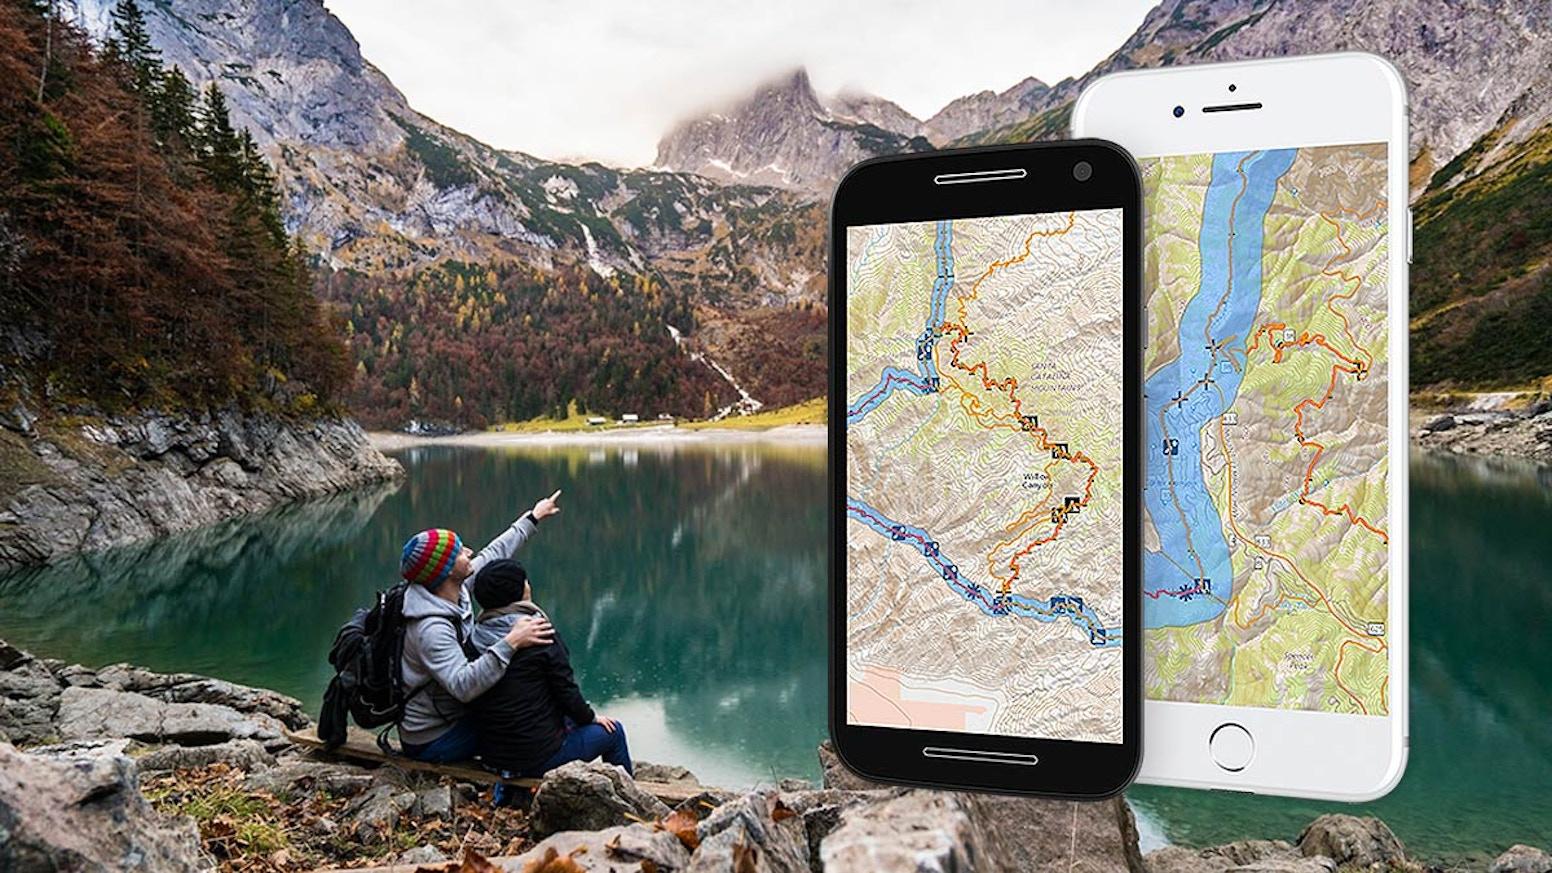 8 món đồ công nghệ bạn nên mang khi đi phượt để phòng bất trắc ảnh 1